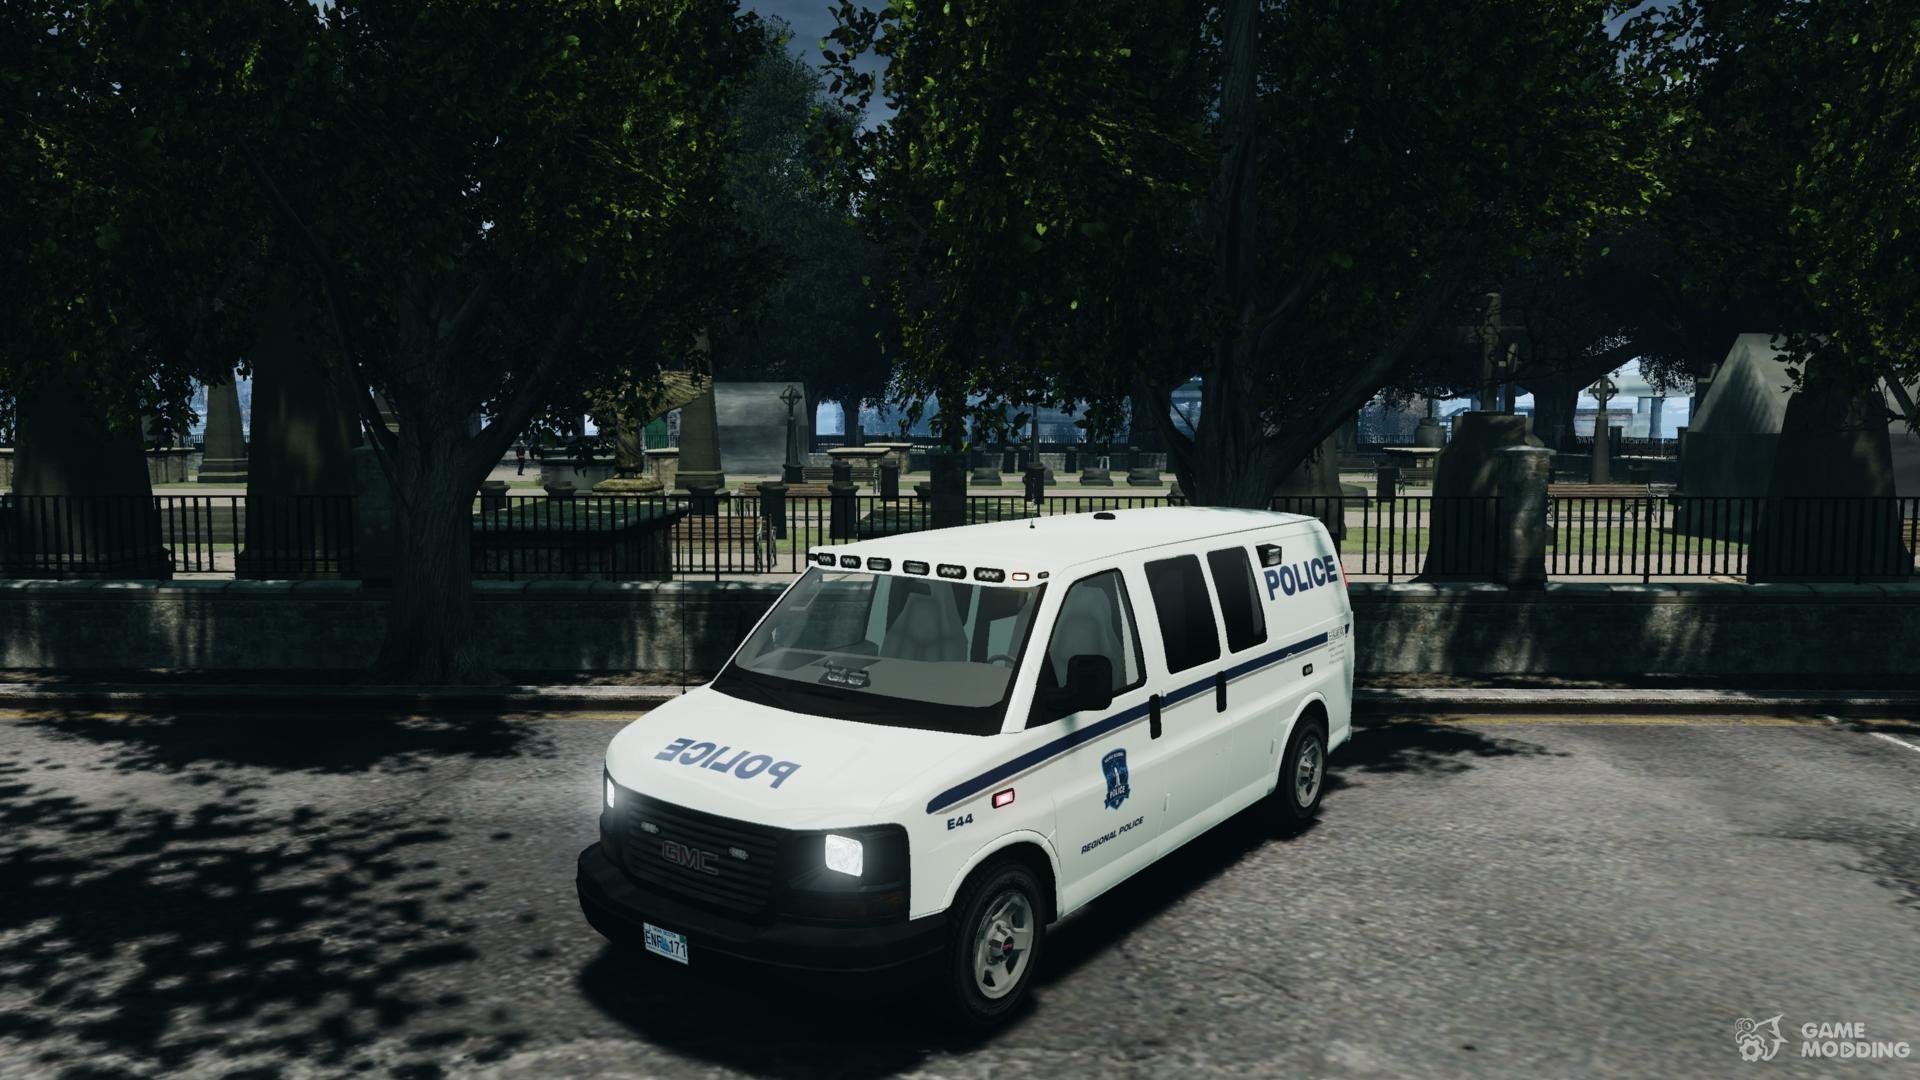 Мод на работу в полиции для гта 4.